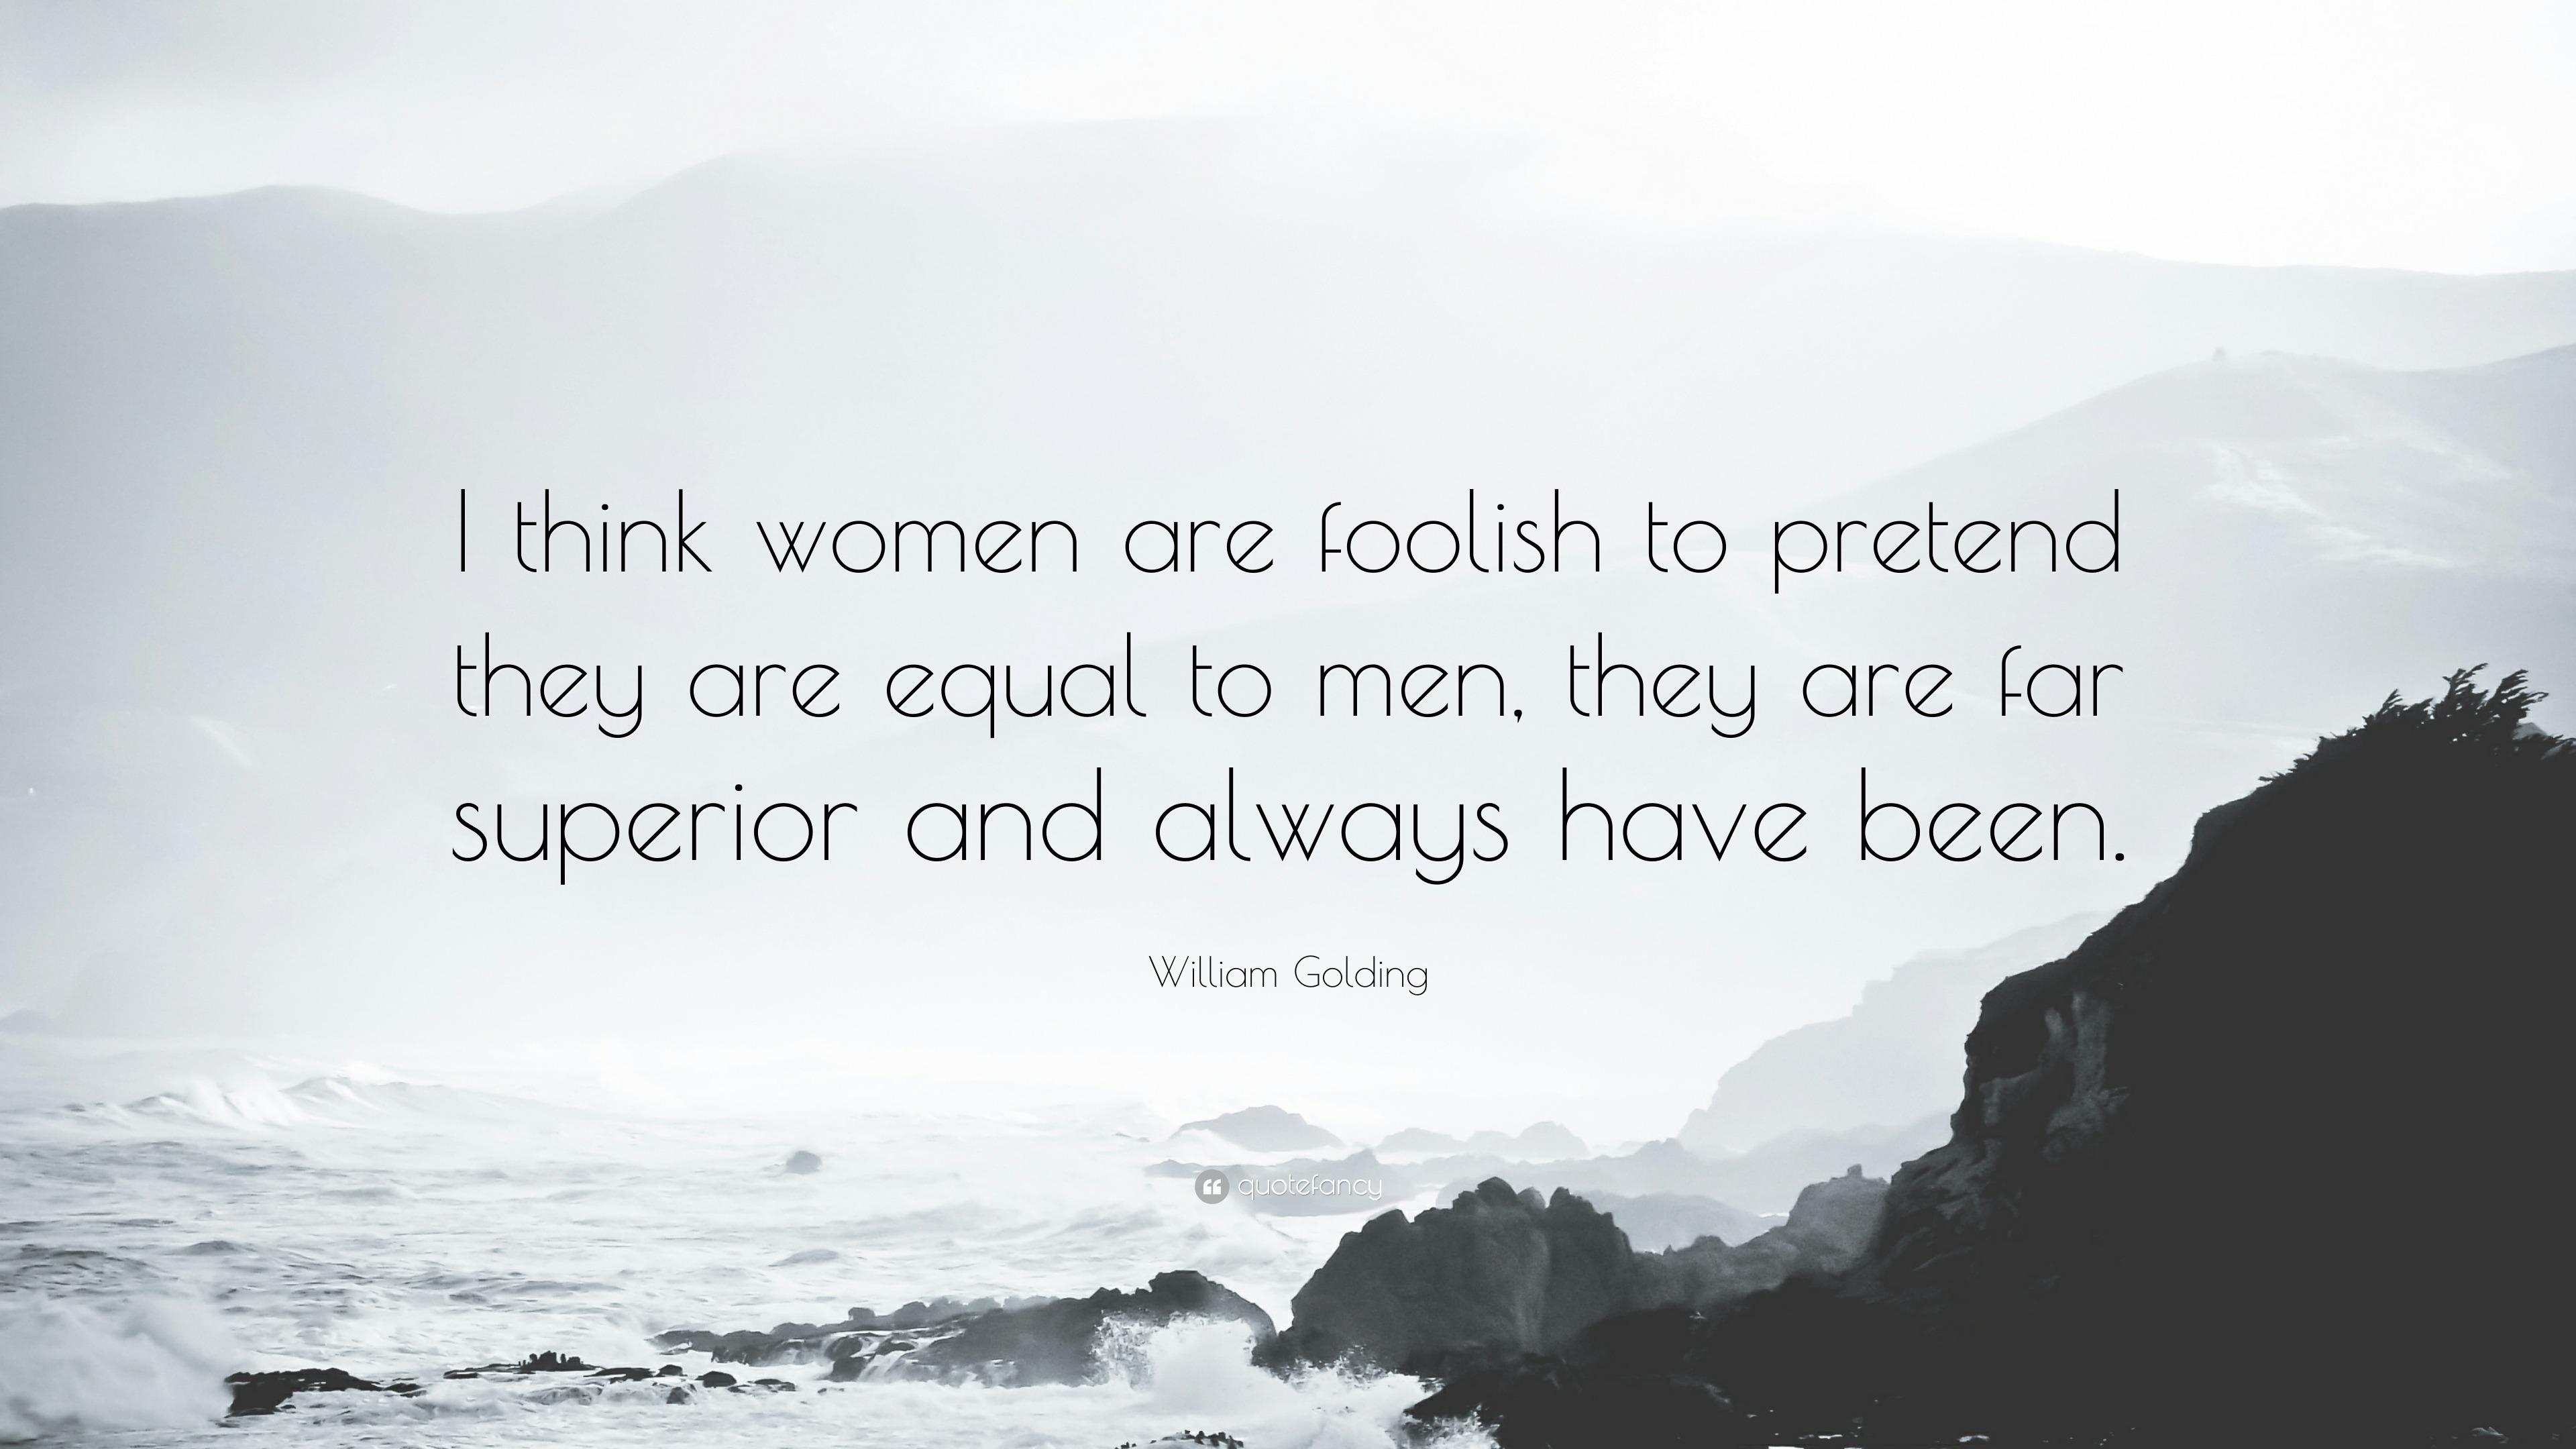 On william women golding Author William